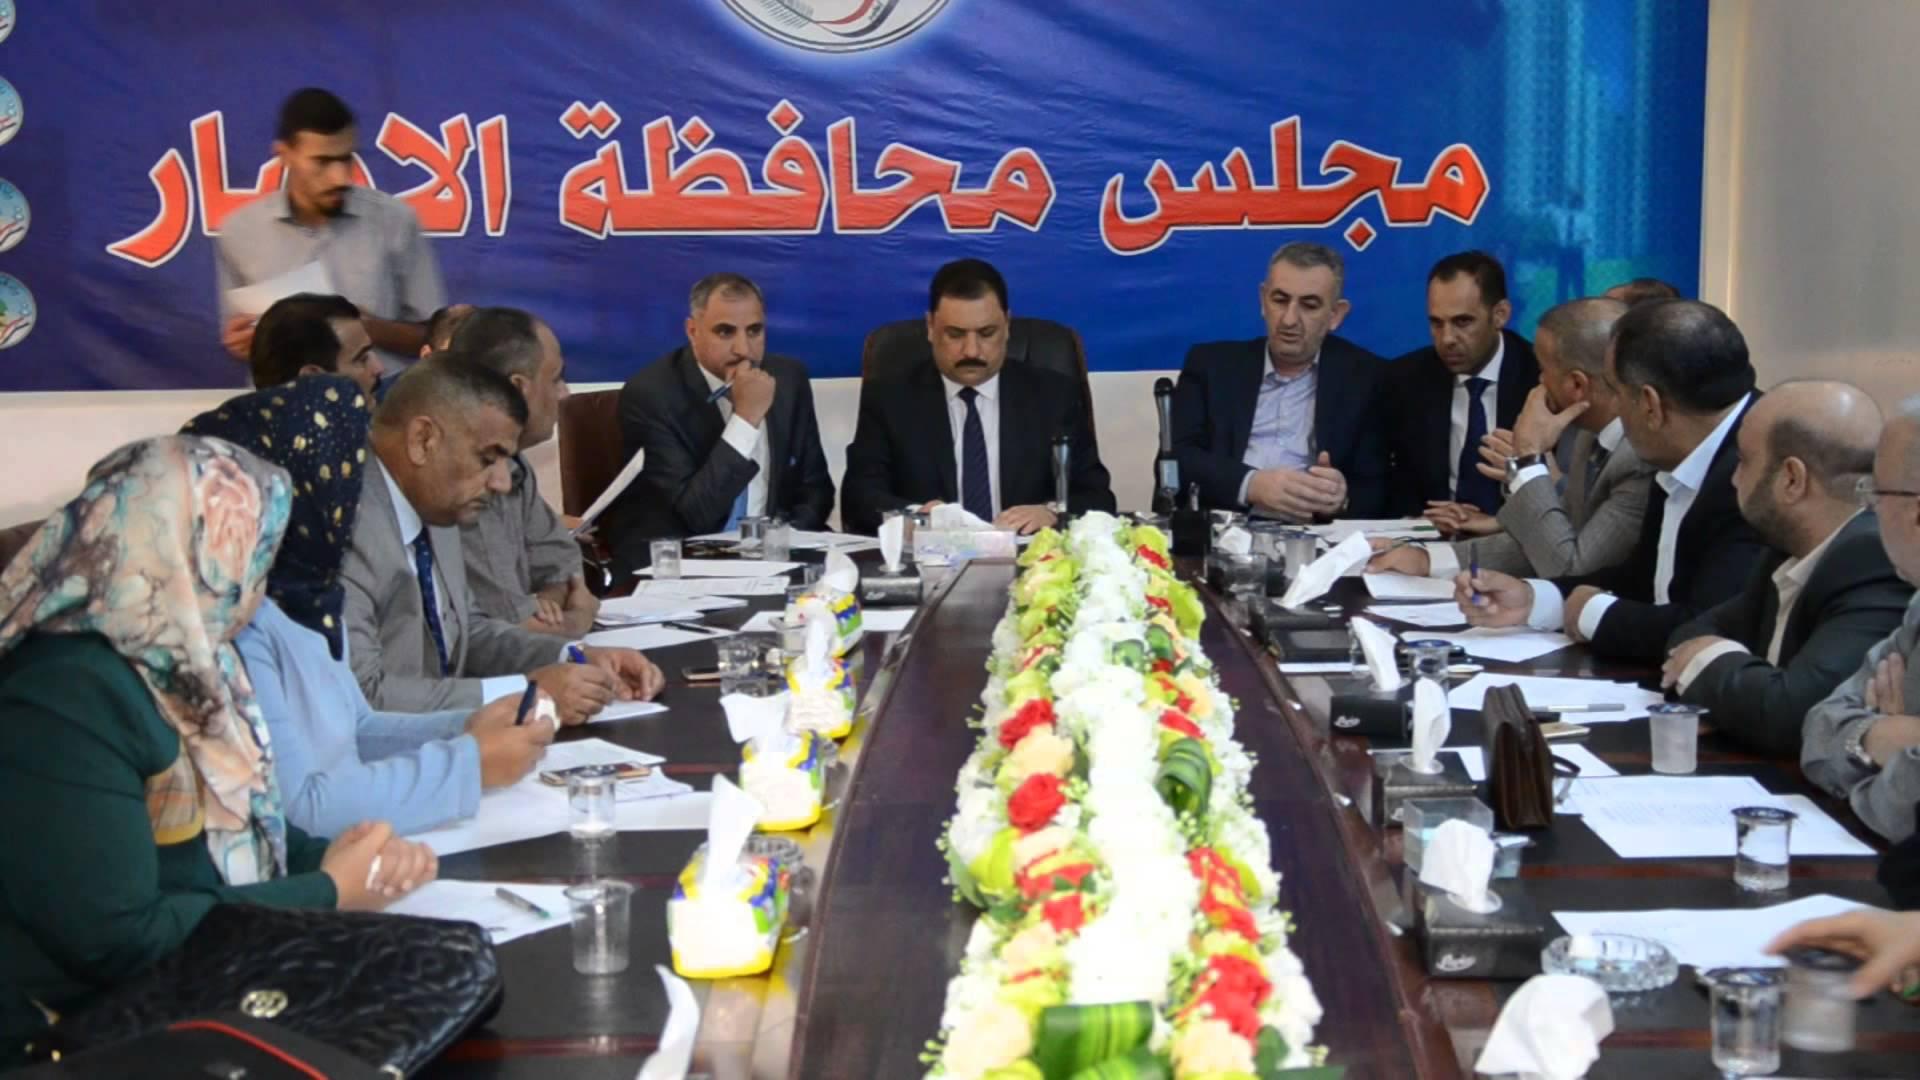 اخبار العراق مجلس الانبار يصوت بالاغلبية على اقالة المحافظ صهيب الراوي